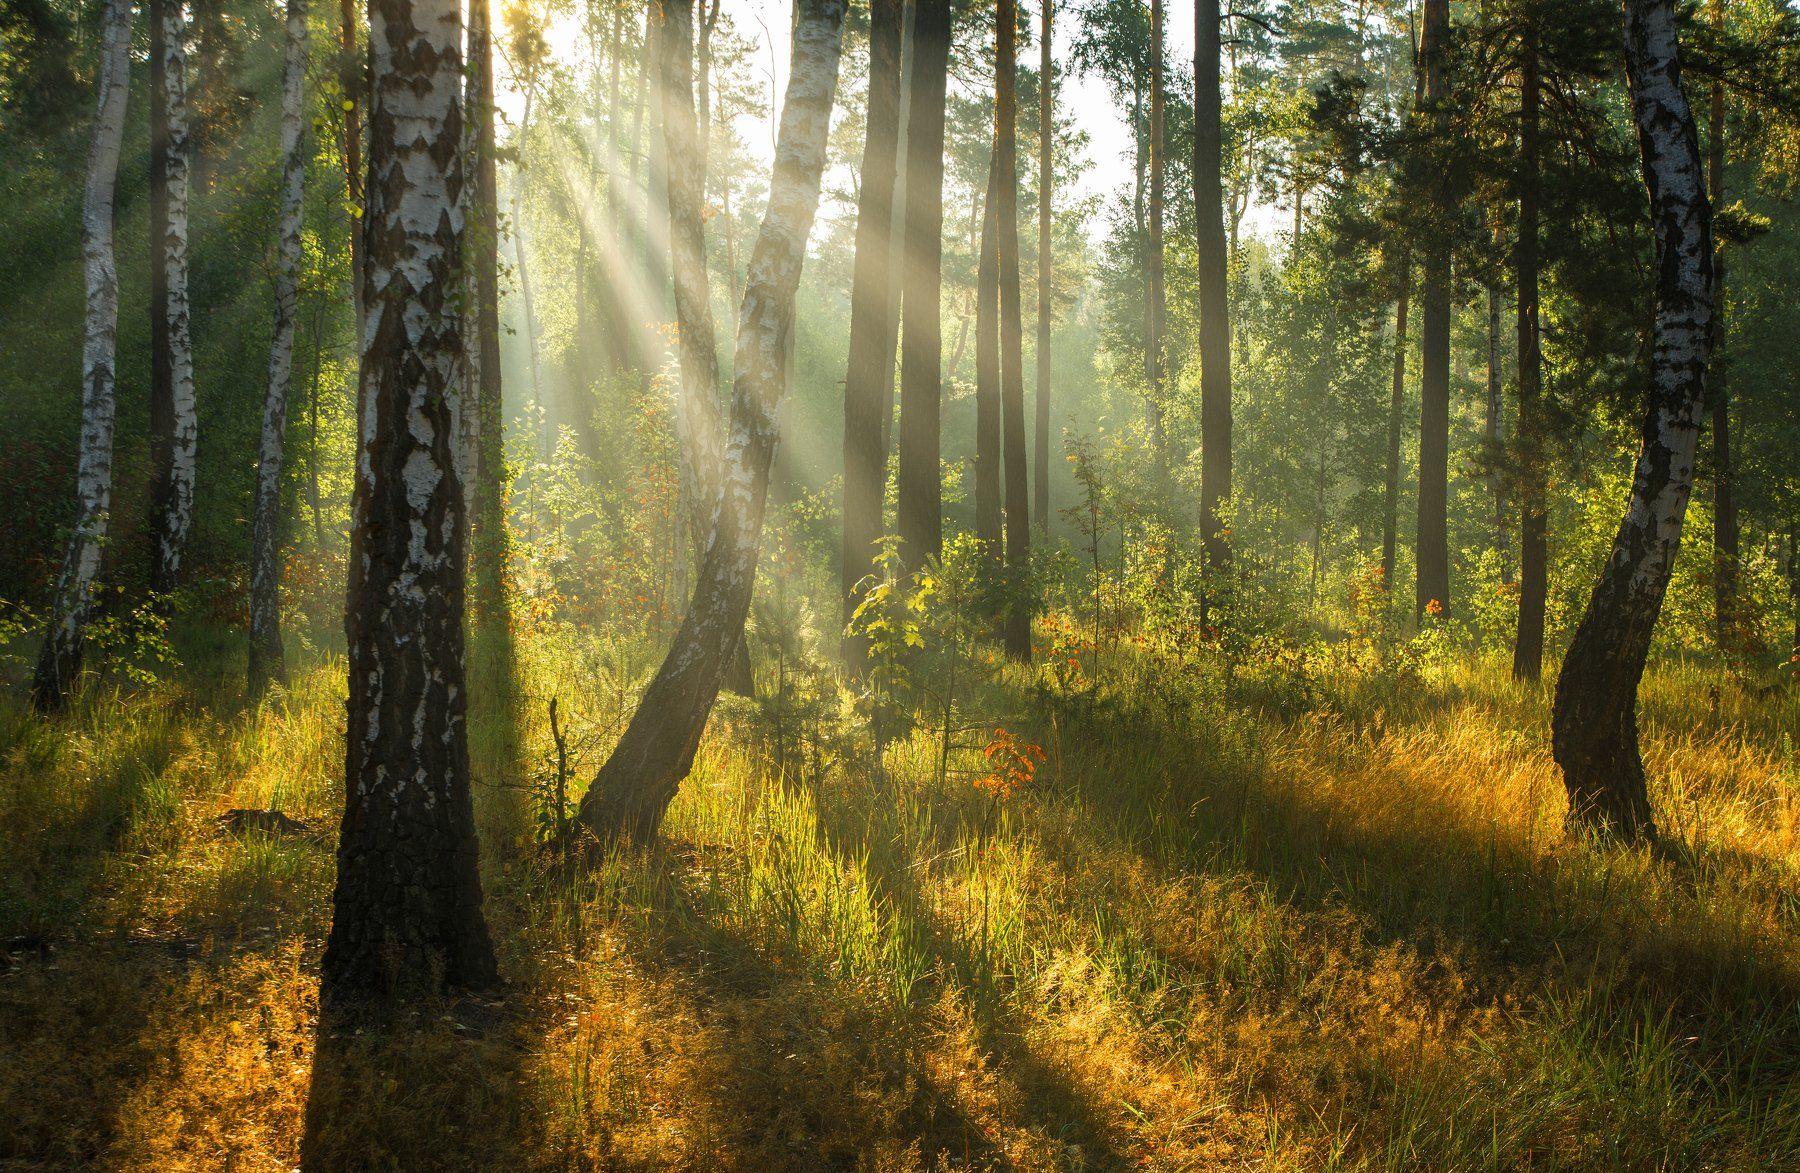 landscape, пейзаж, утро, лес, сосны, березы, деревья, солнечный свет, солнечные лучи, солнце, природа,, Михаил MSH